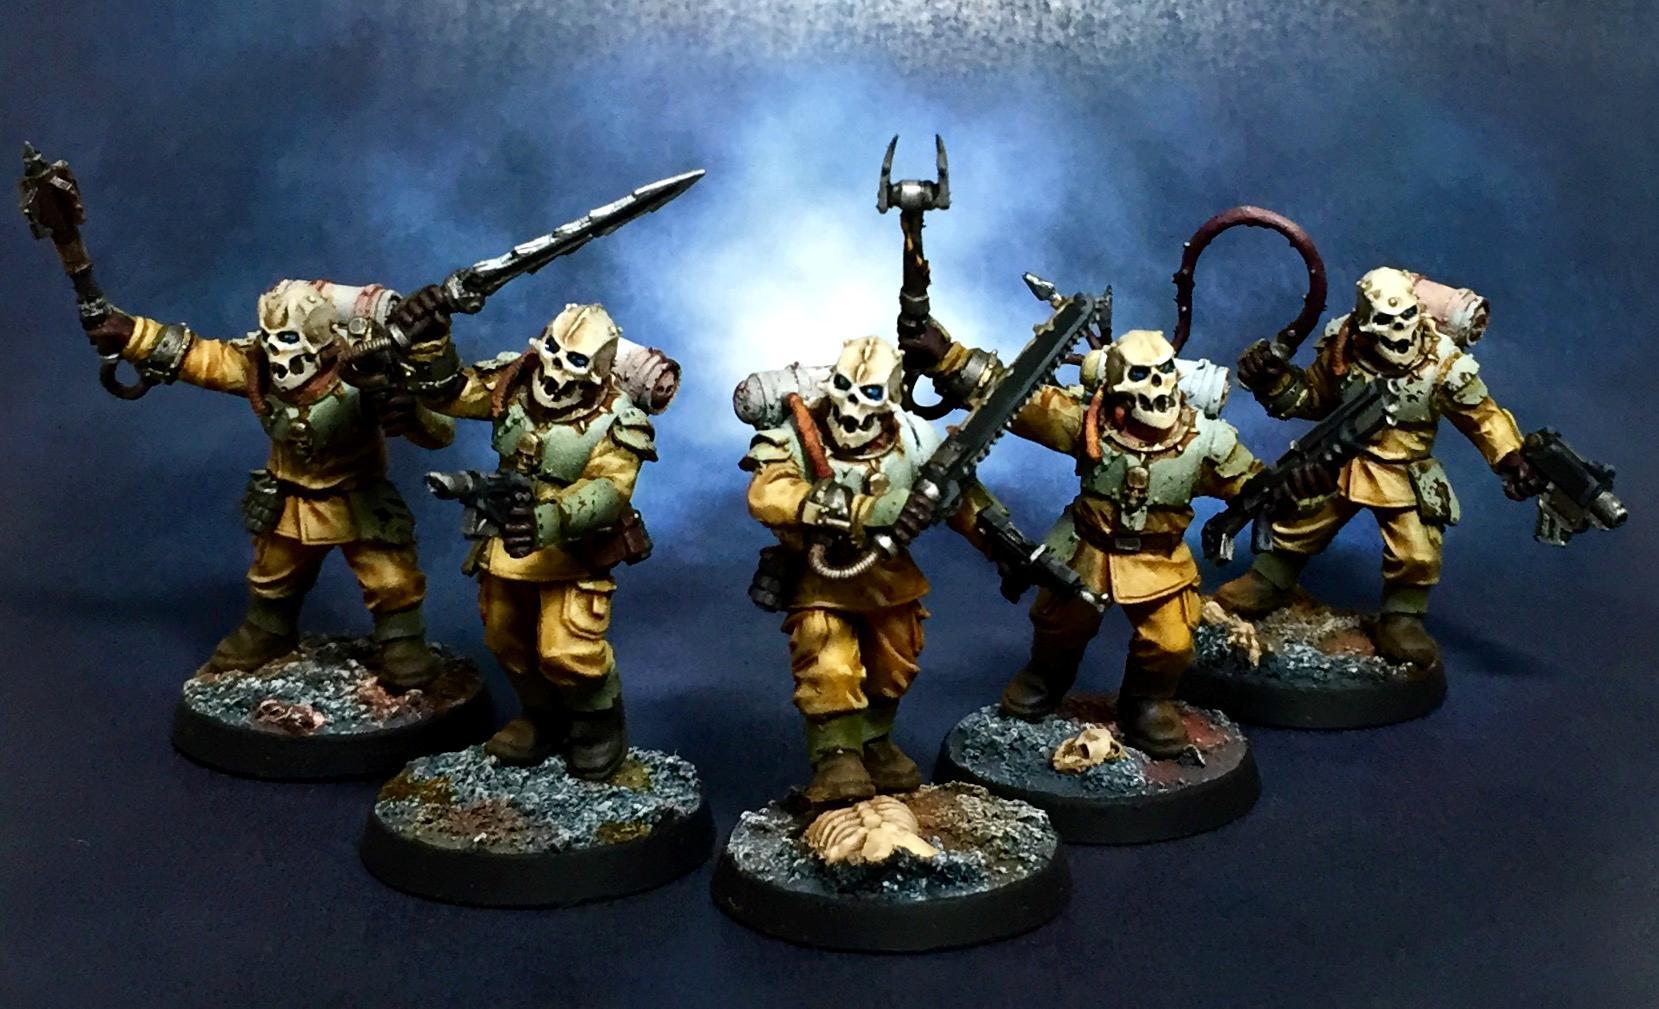 Guard, Medusa, Nurgle, Rust, Traitor